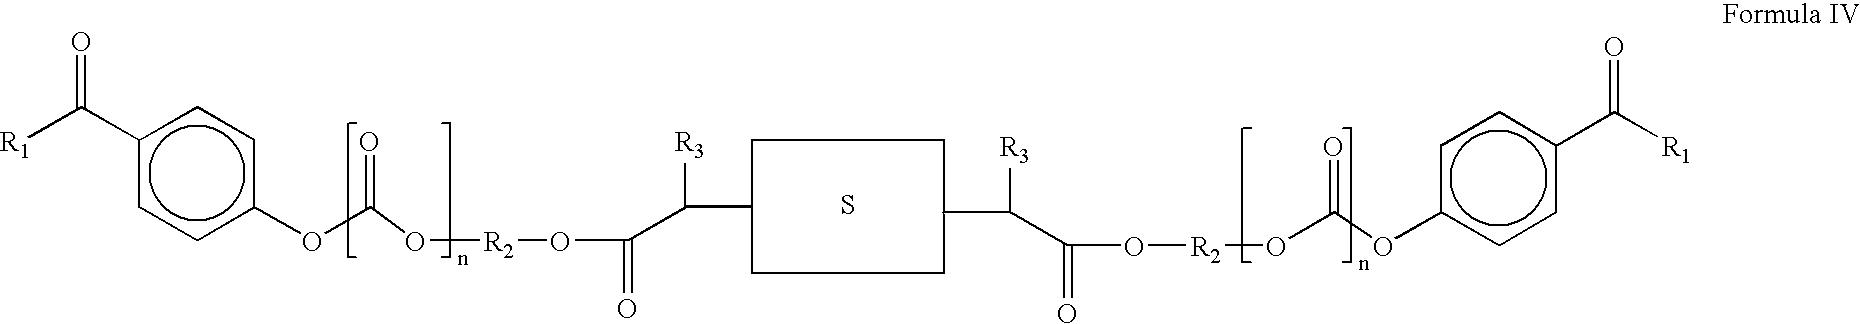 Figure US07166356-20070123-C00004